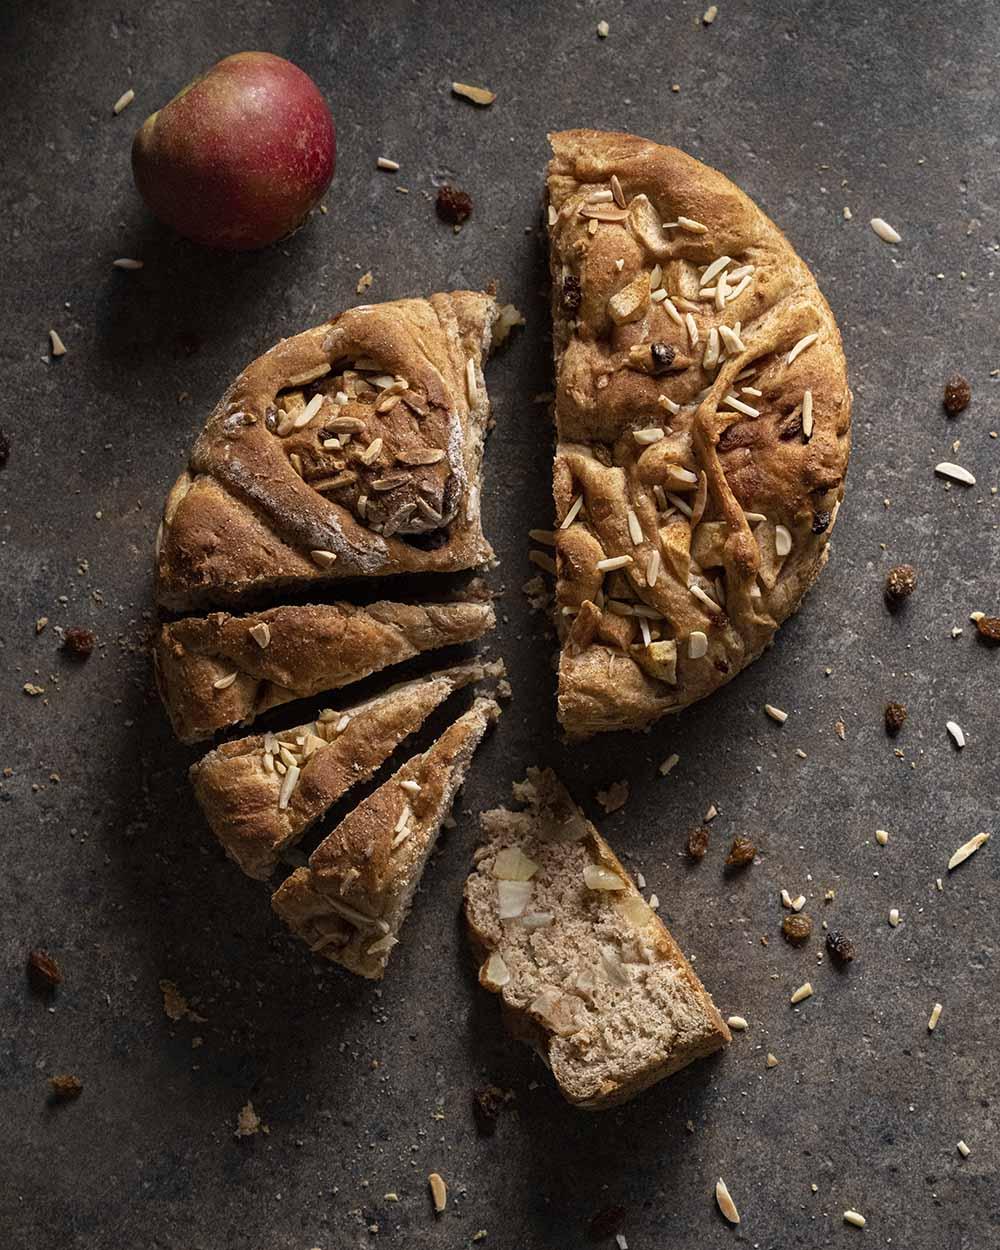 Angeschnittenes Apfelbrot auf dem Tisch. Neben dem Brot liegt ein Apfel. Eine Scheibe ist auf die Sete gedreht und zeigt, wie viele Apfelstücke im Brot enthalten sind.